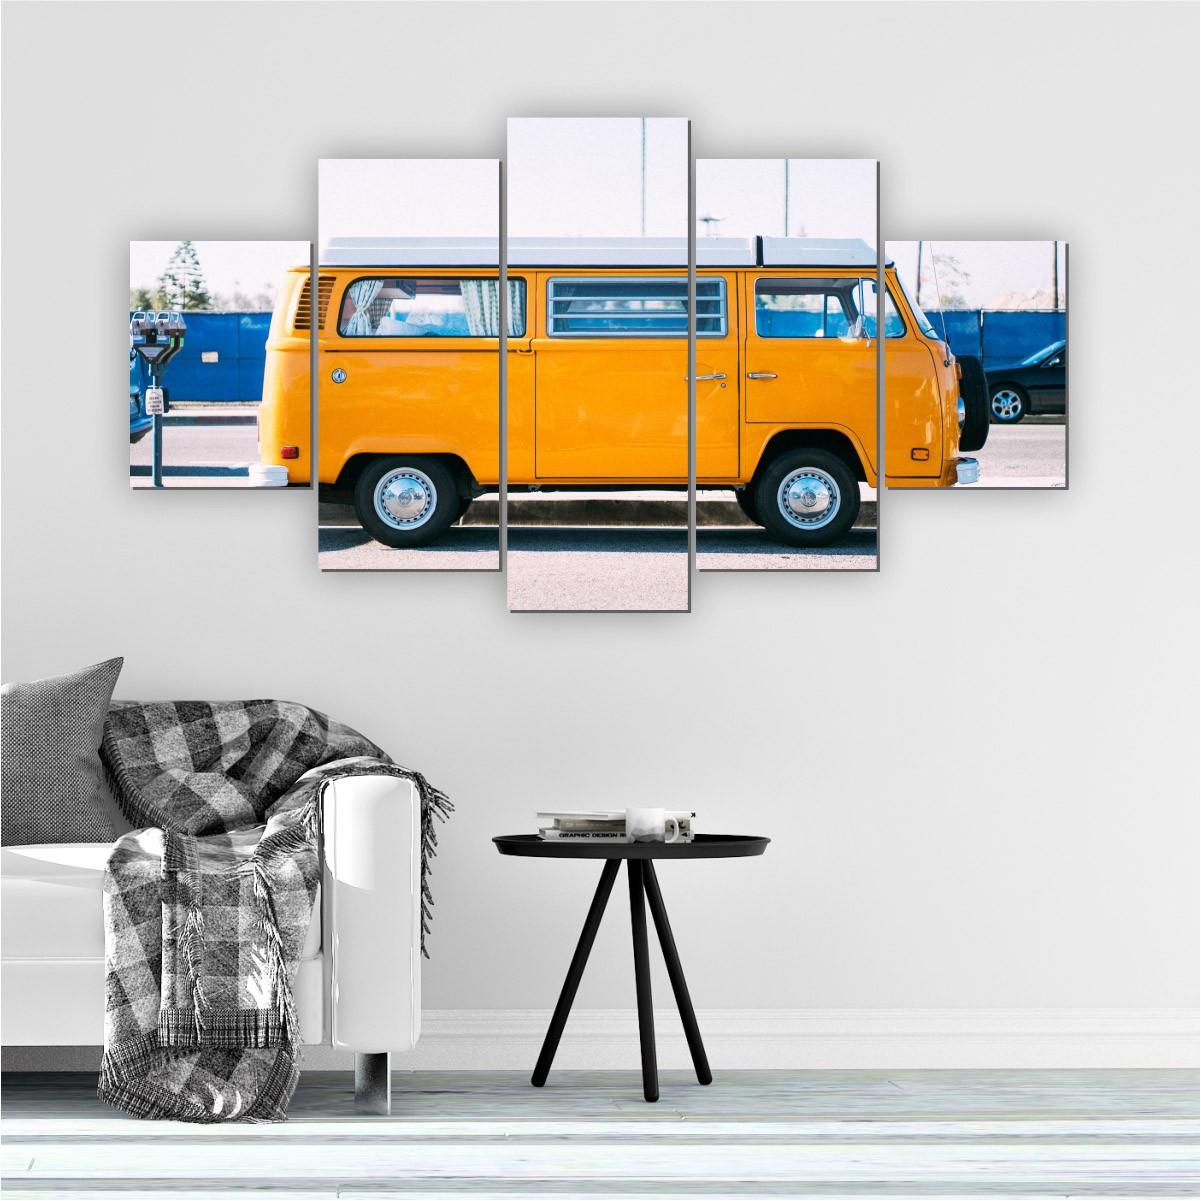 Quadros Decorativos Mosaico Sala Quarto Kombi 5 peças